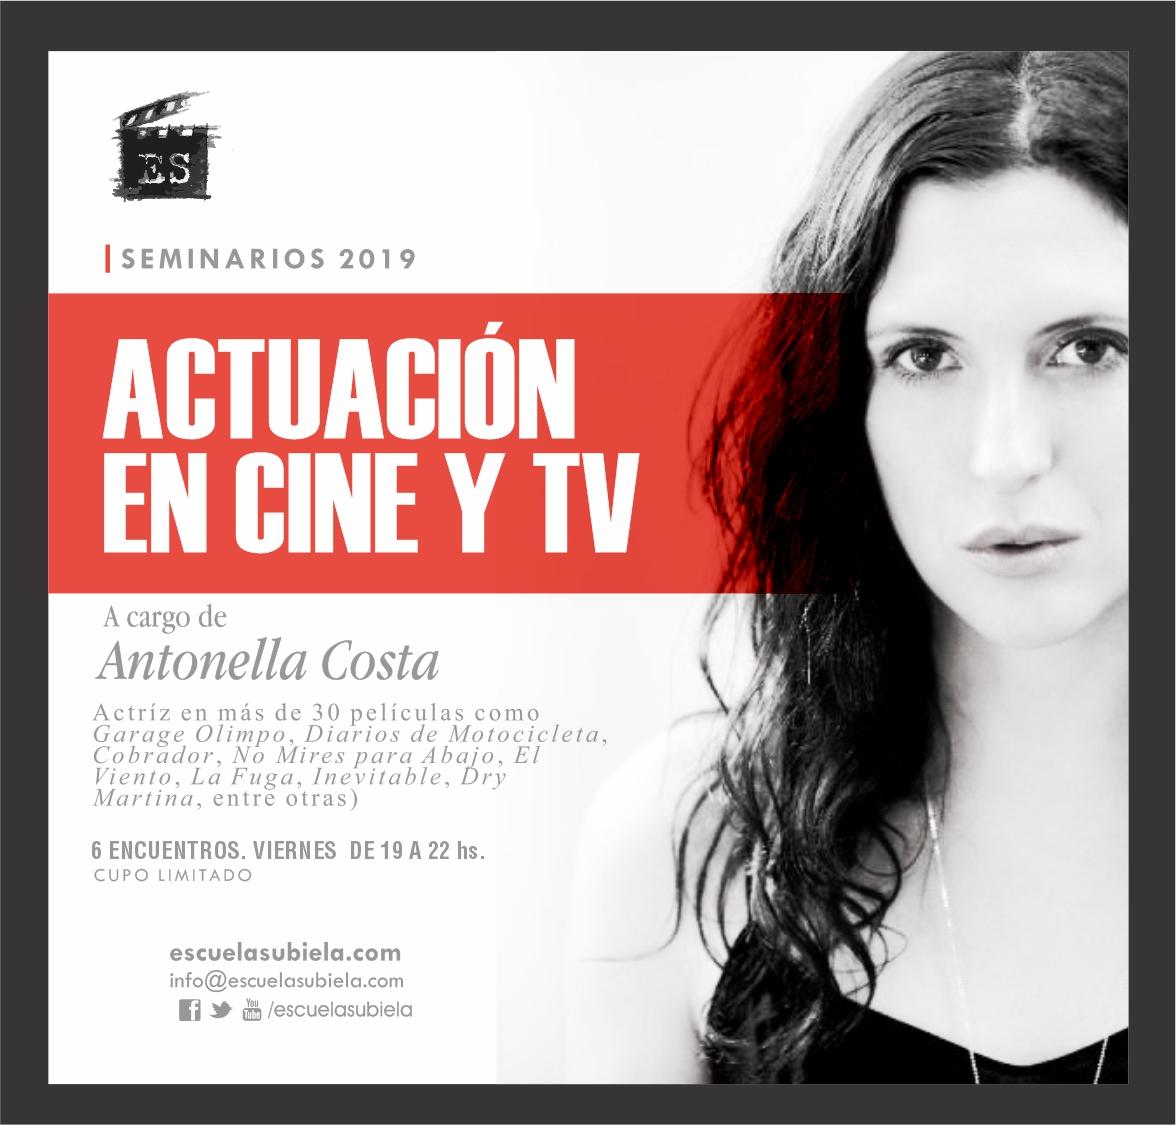 ANTONELLA COSTA a cargo del nuevo curso de ACTUACIÓN EN CINE Y TV